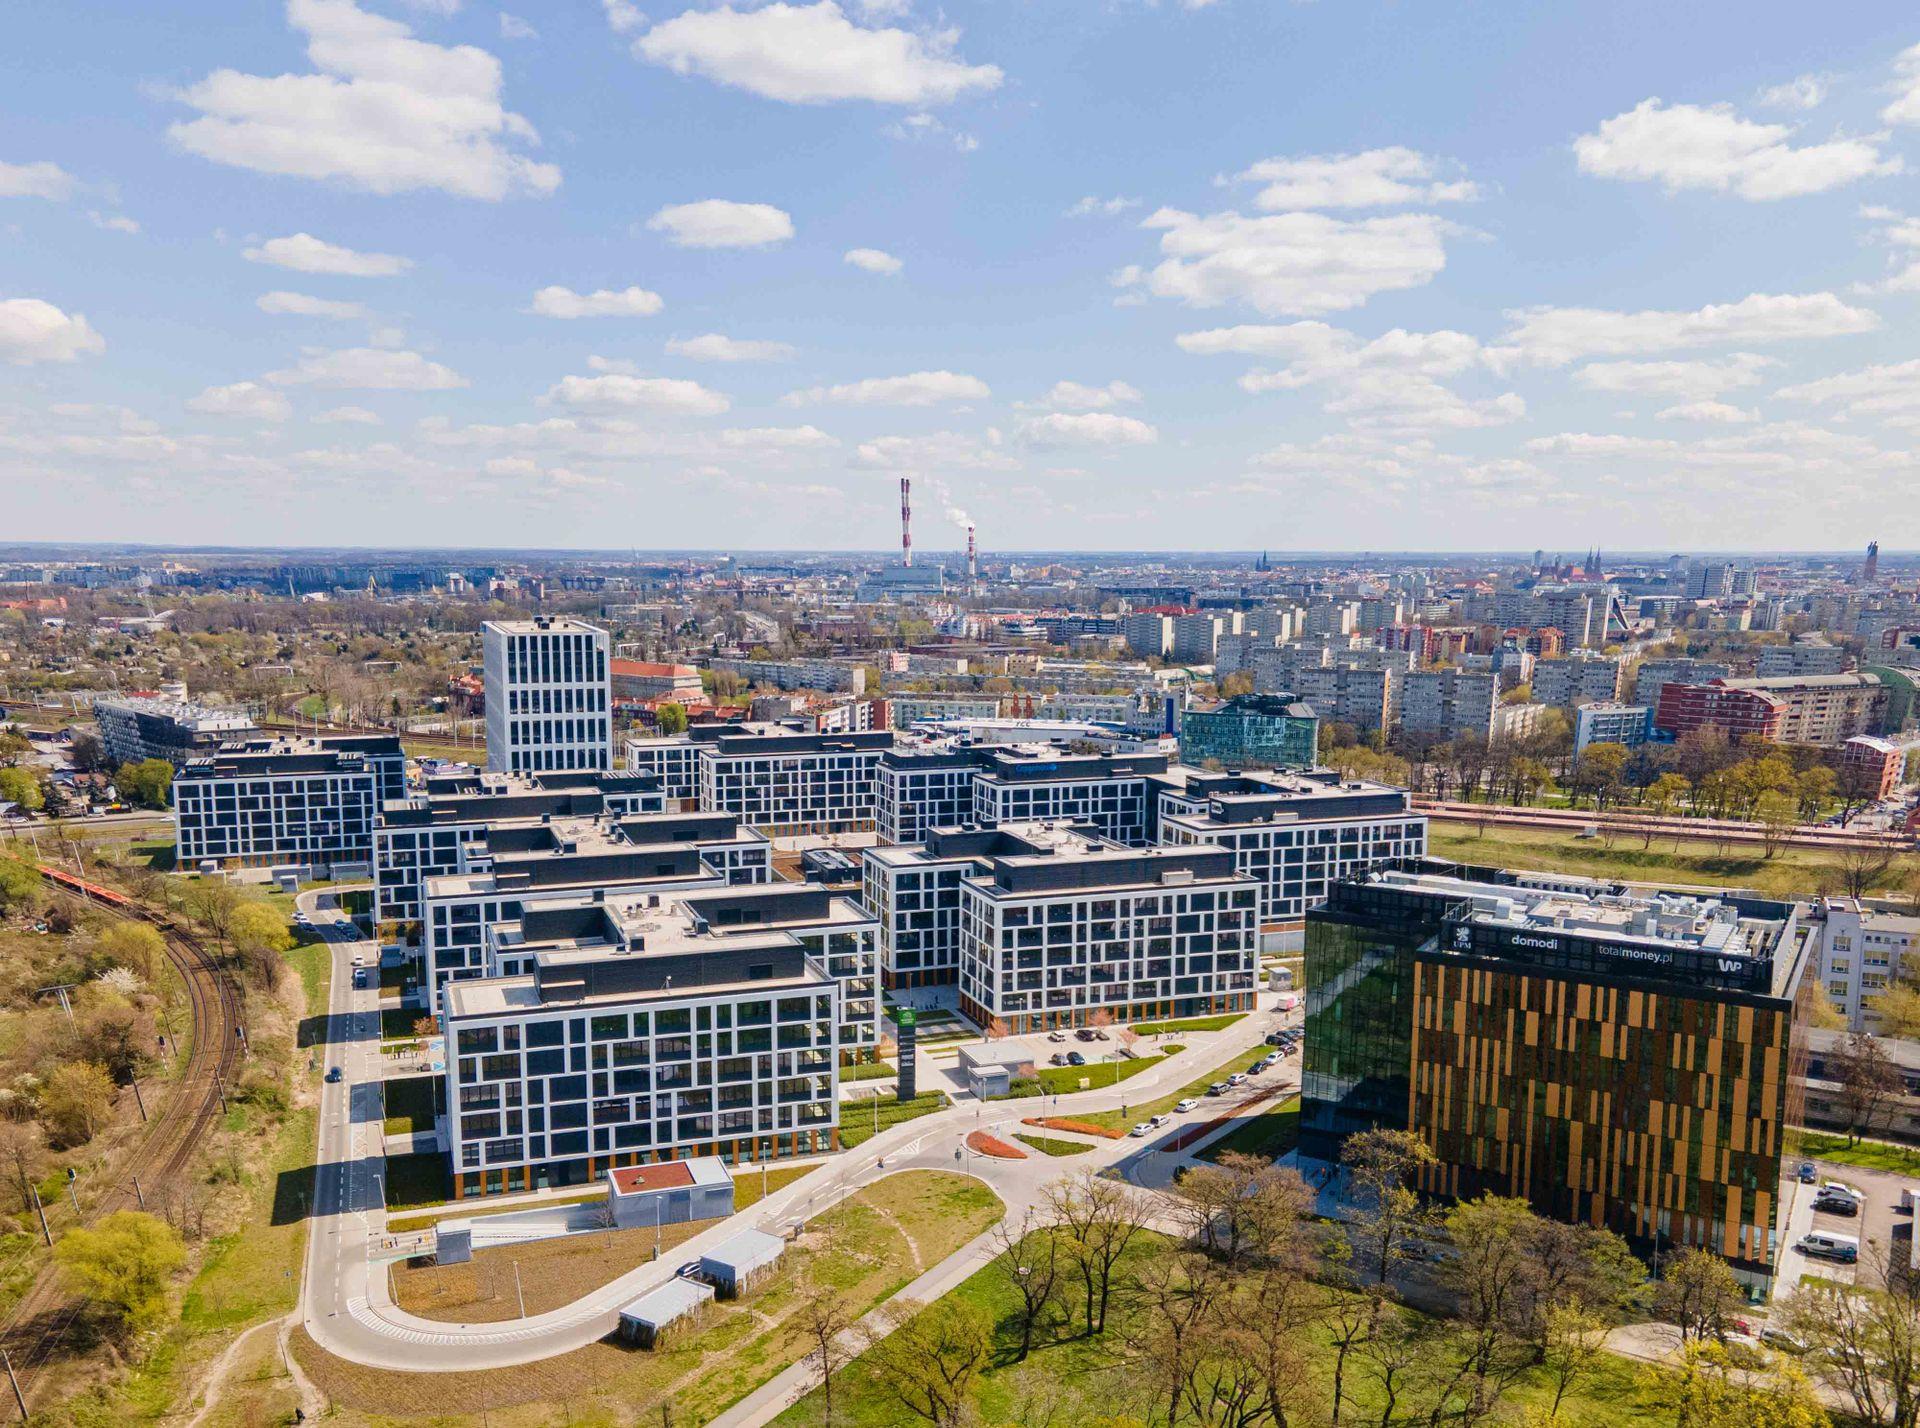 Kolejna zagraniczna firma IT zainwestowała we Wrocławiu